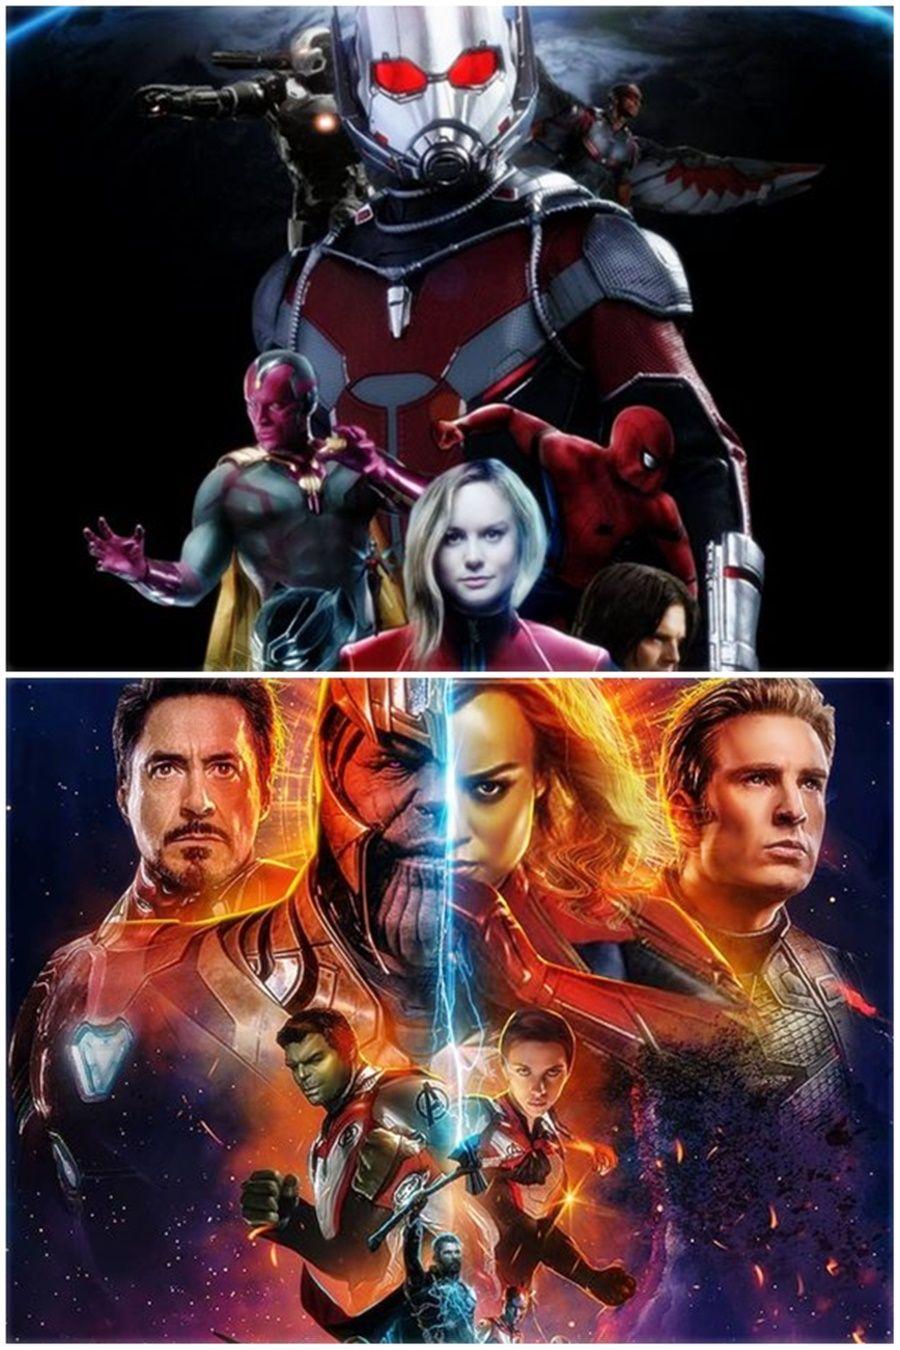 Avengers Endgame Movie 2019 Peliculas Completas Ver Peliculas En Linea Peliculas